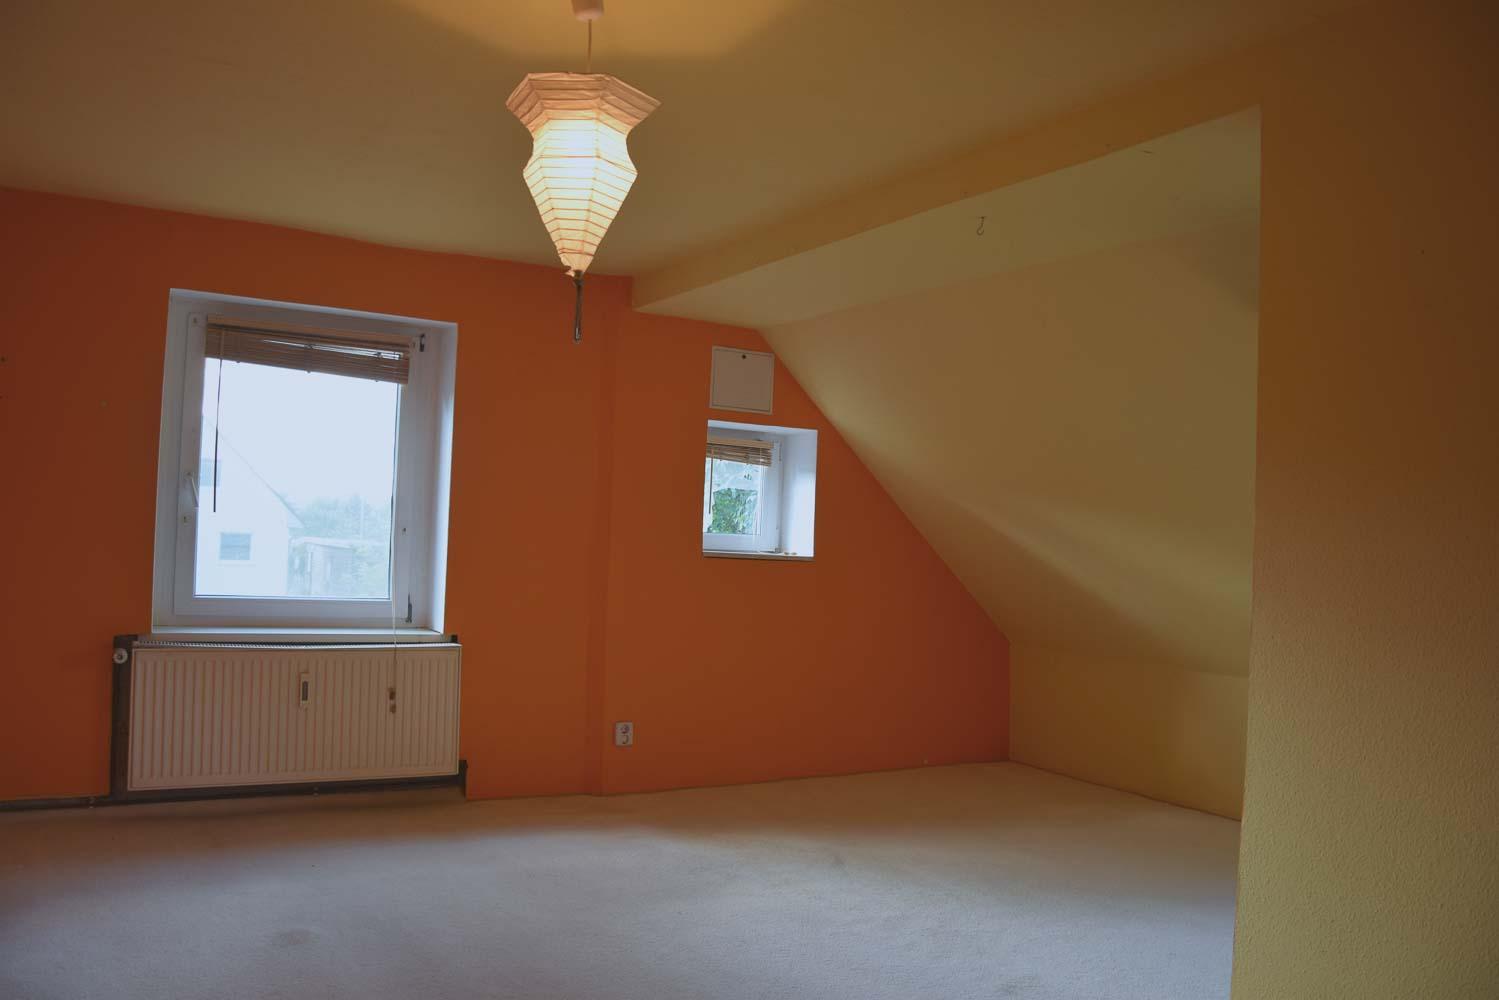 Wohnung im og wohn schlafzimmer - Wohn schlafzimmer ...